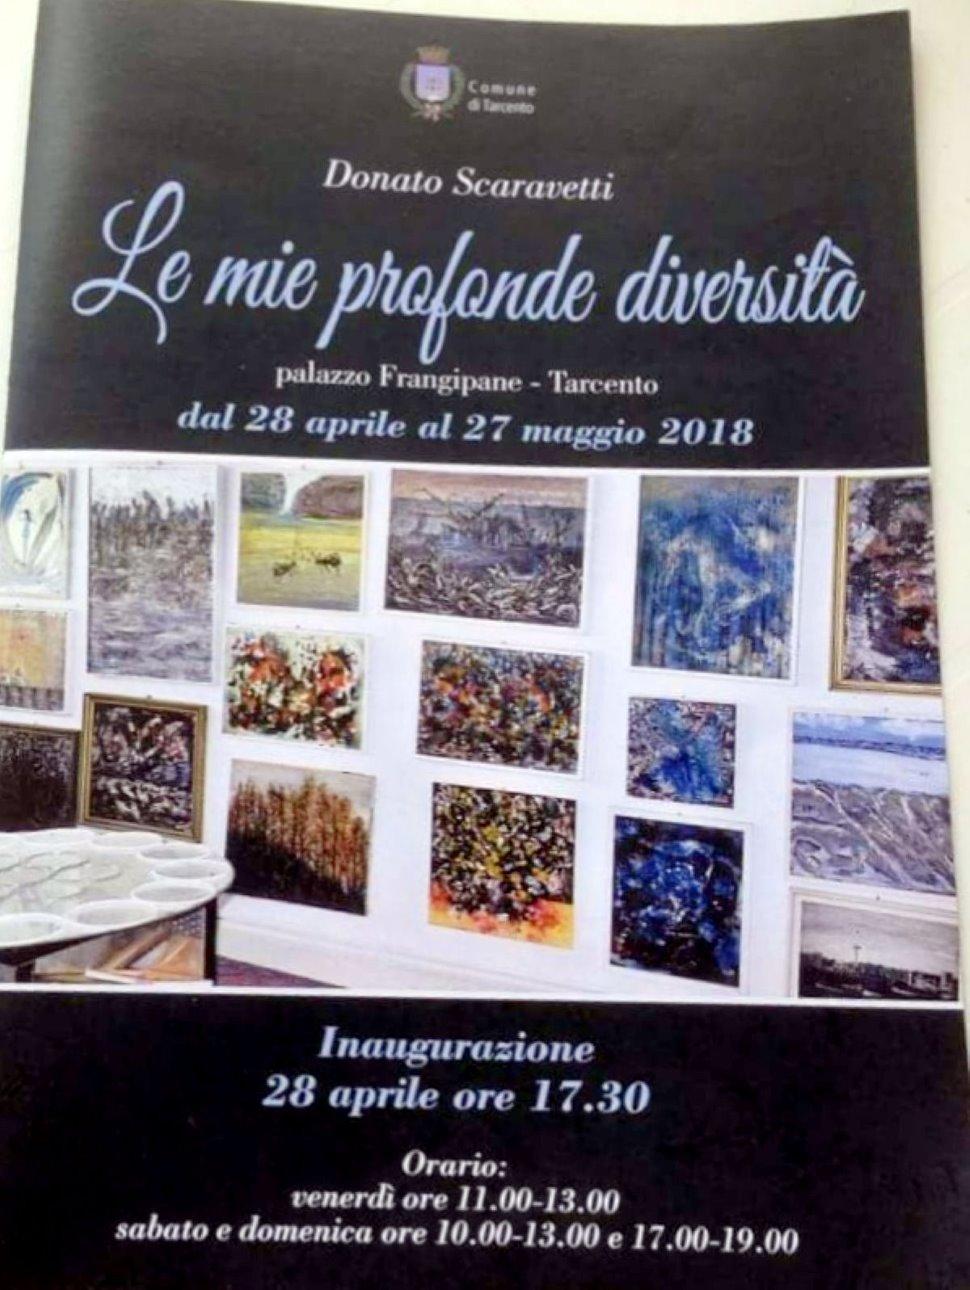 Esposizione Donato Scaravetti Palazzo Frangipane ad Tarcento